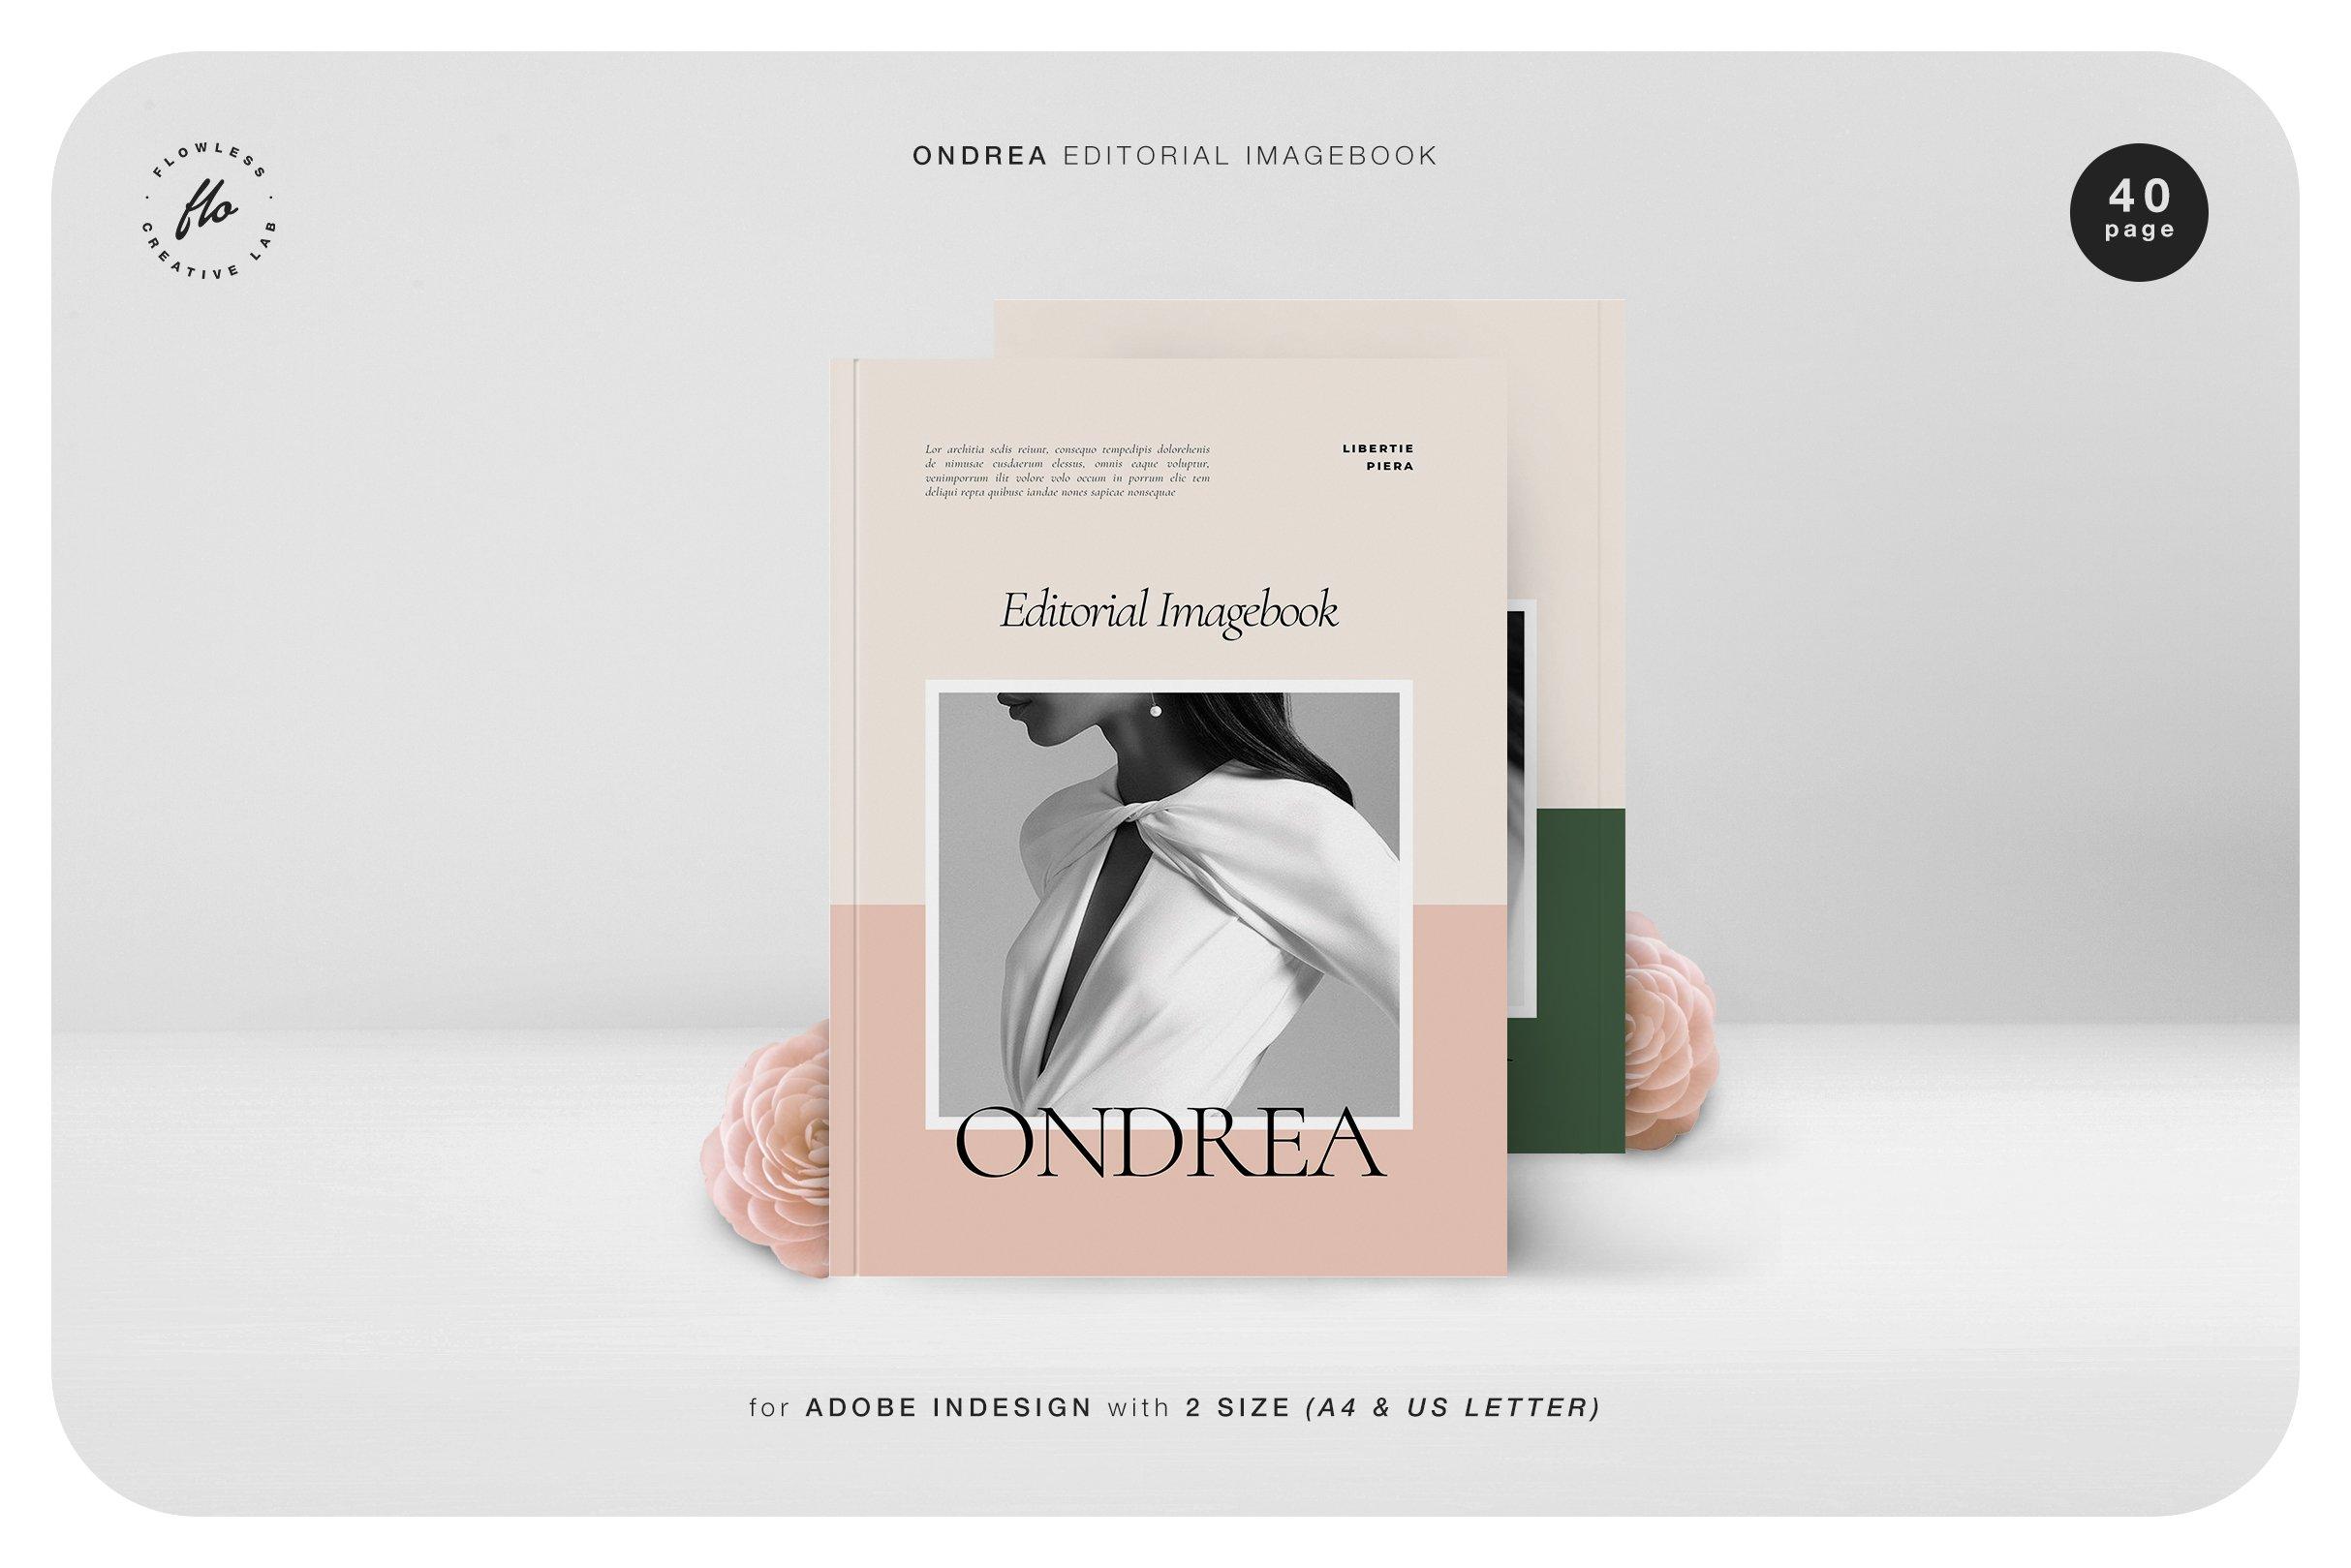 时尚服装设计作品集INDD画册模板 ONDREA Editorial Imagebook插图